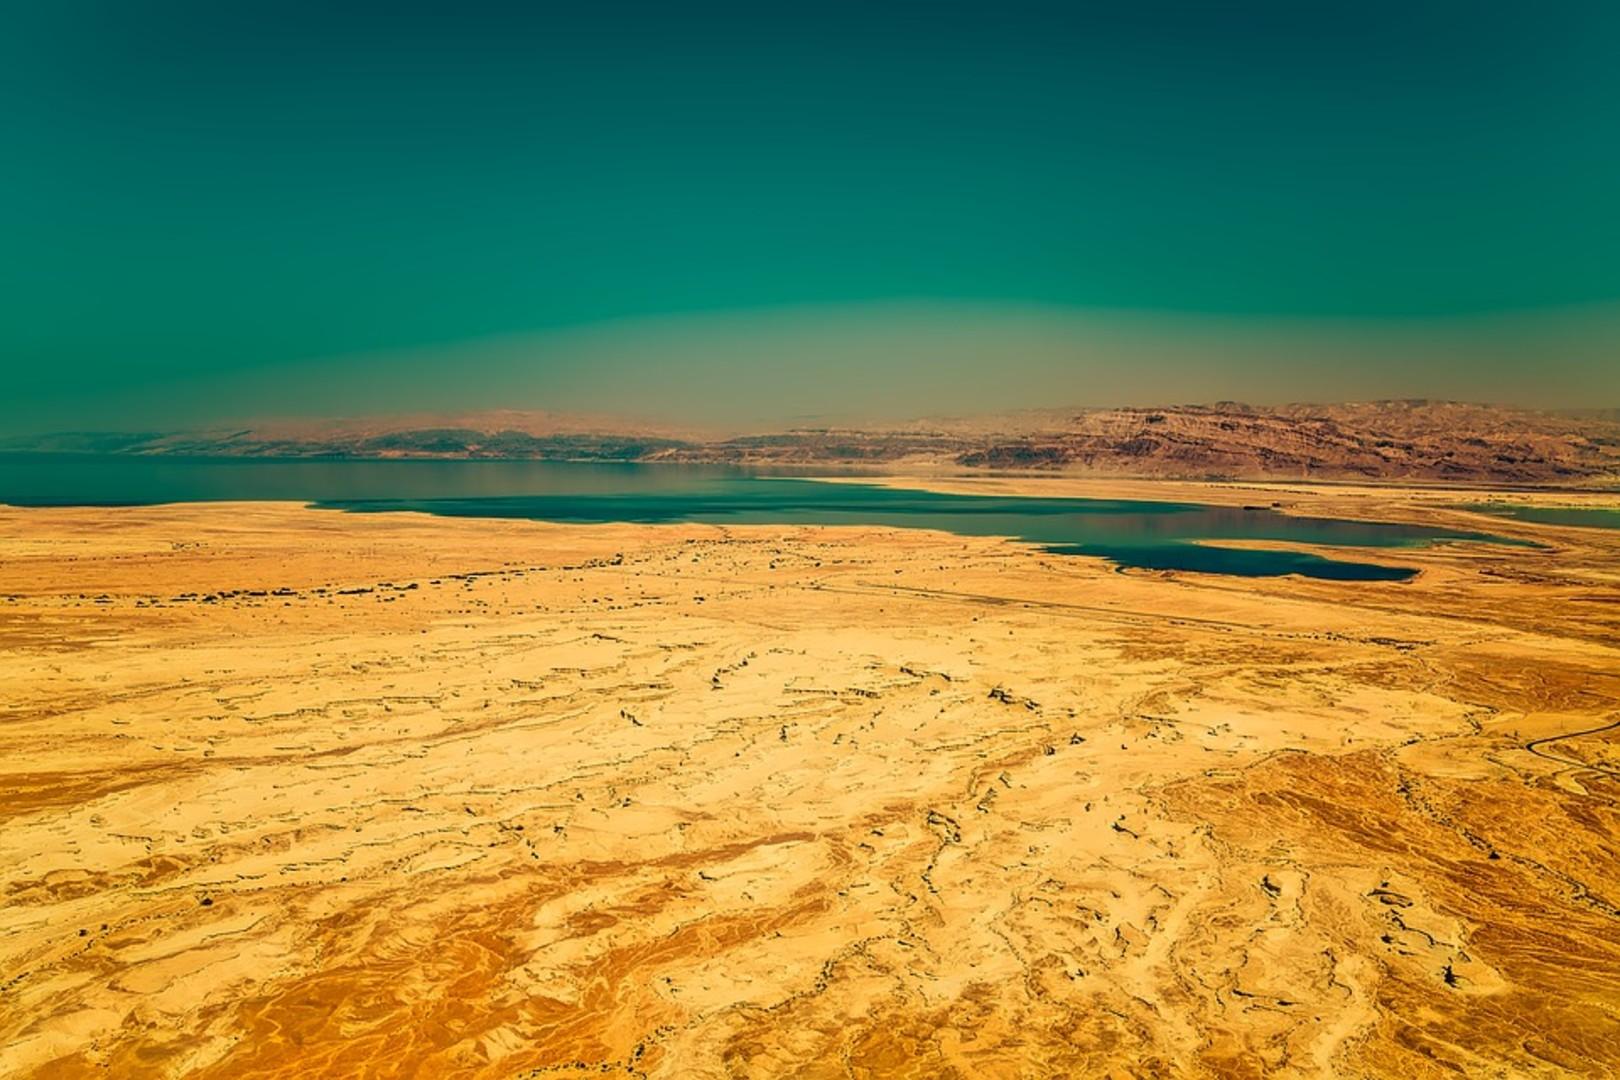 israel-1798697_960_720.jpg